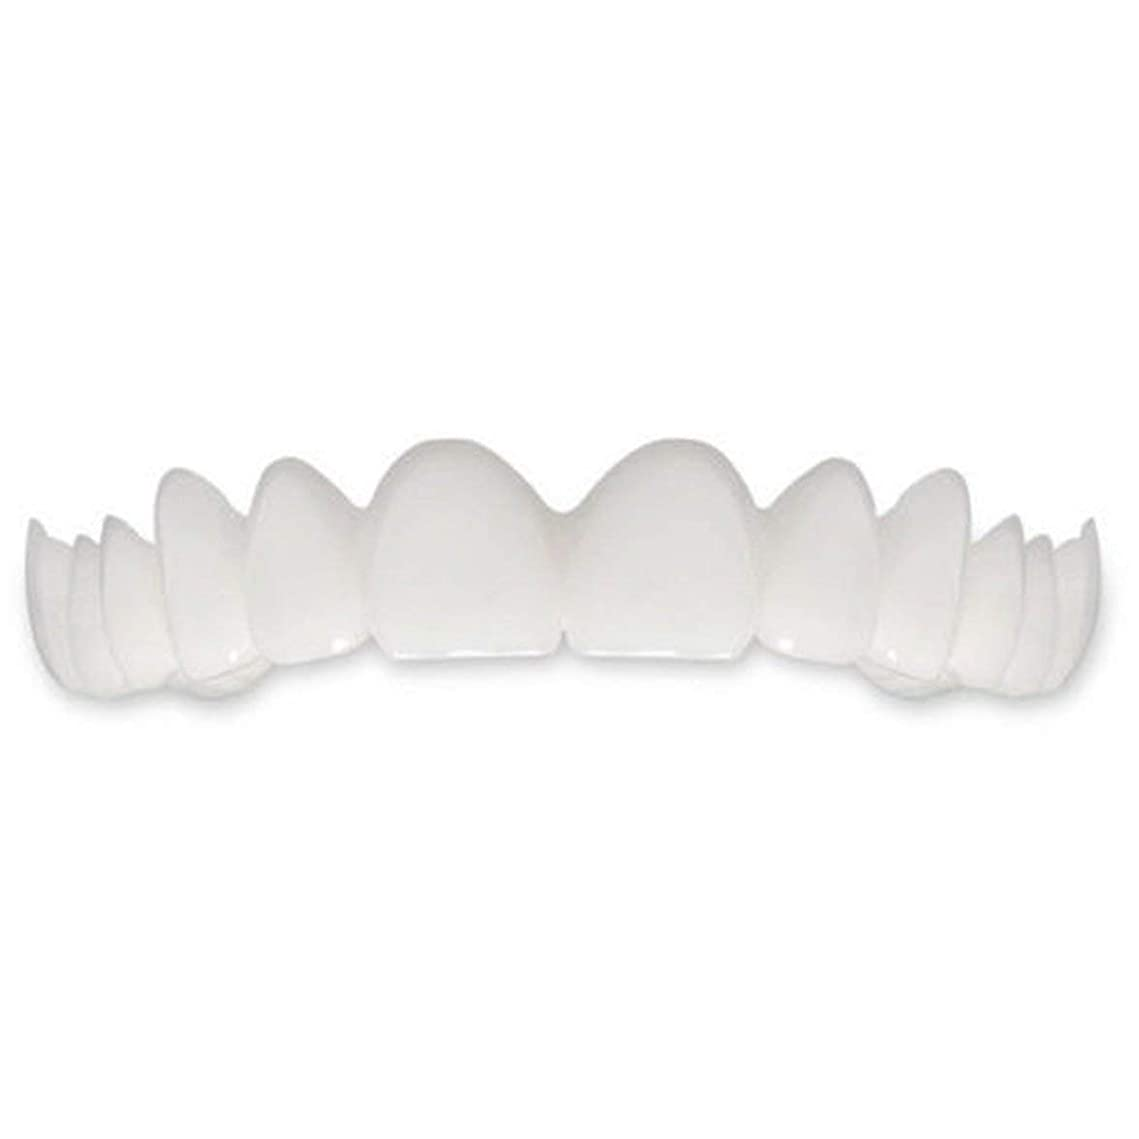 信じられない謎文明化するTooth Instant Perfect Smile Flex Teeth Whitening Smile False Teeth Cover-ホワイト